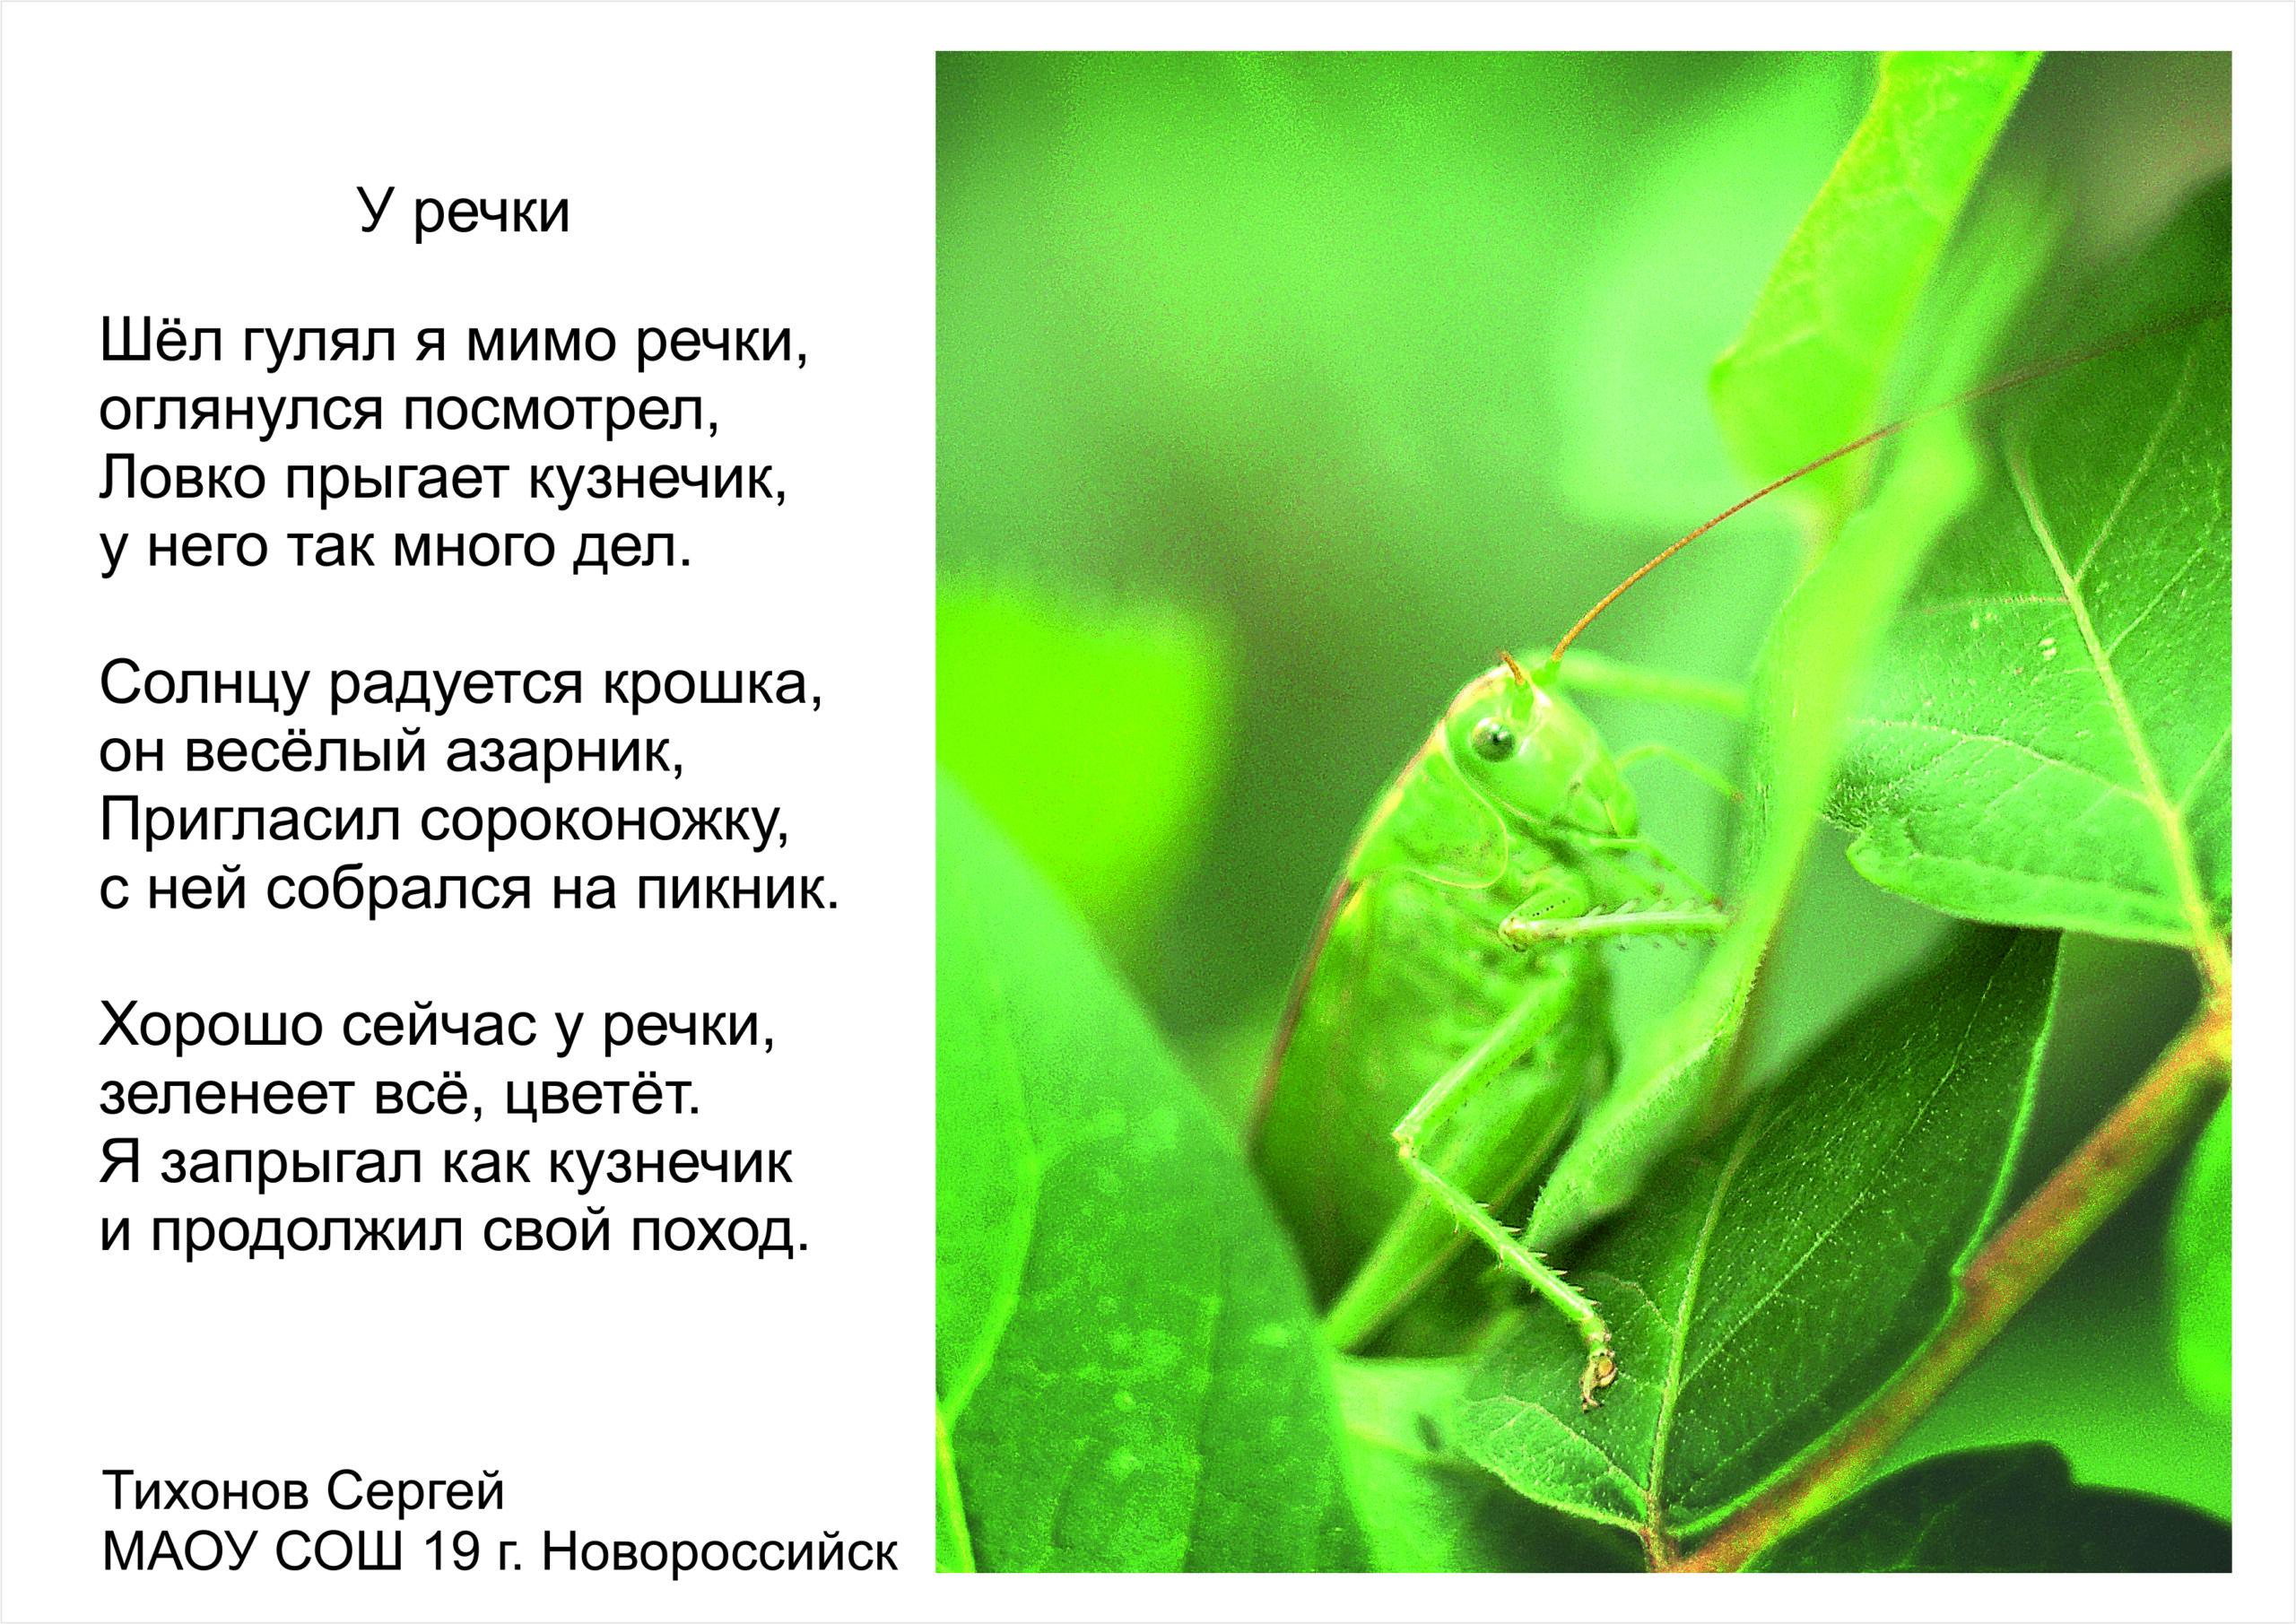 Тихонов Сергей. Фото кузнечика и стих